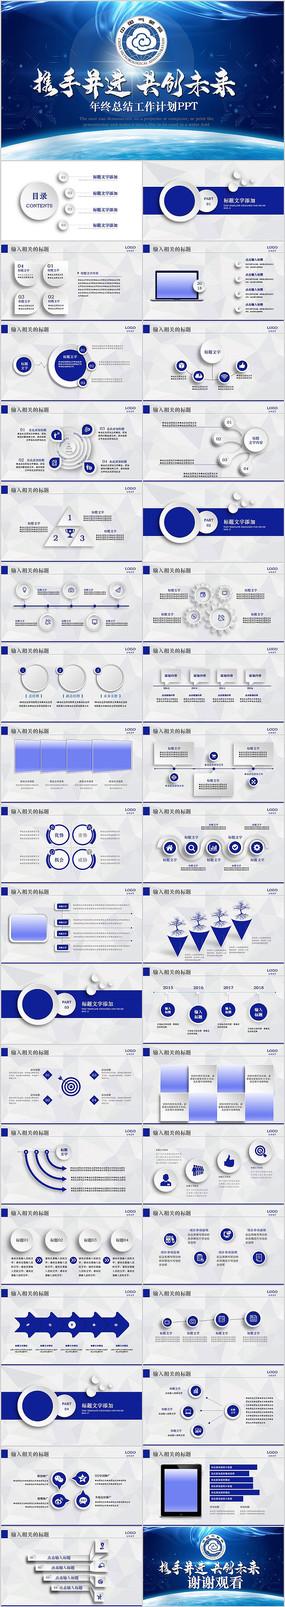 中国气象局工作总结计划世界气象日PPT